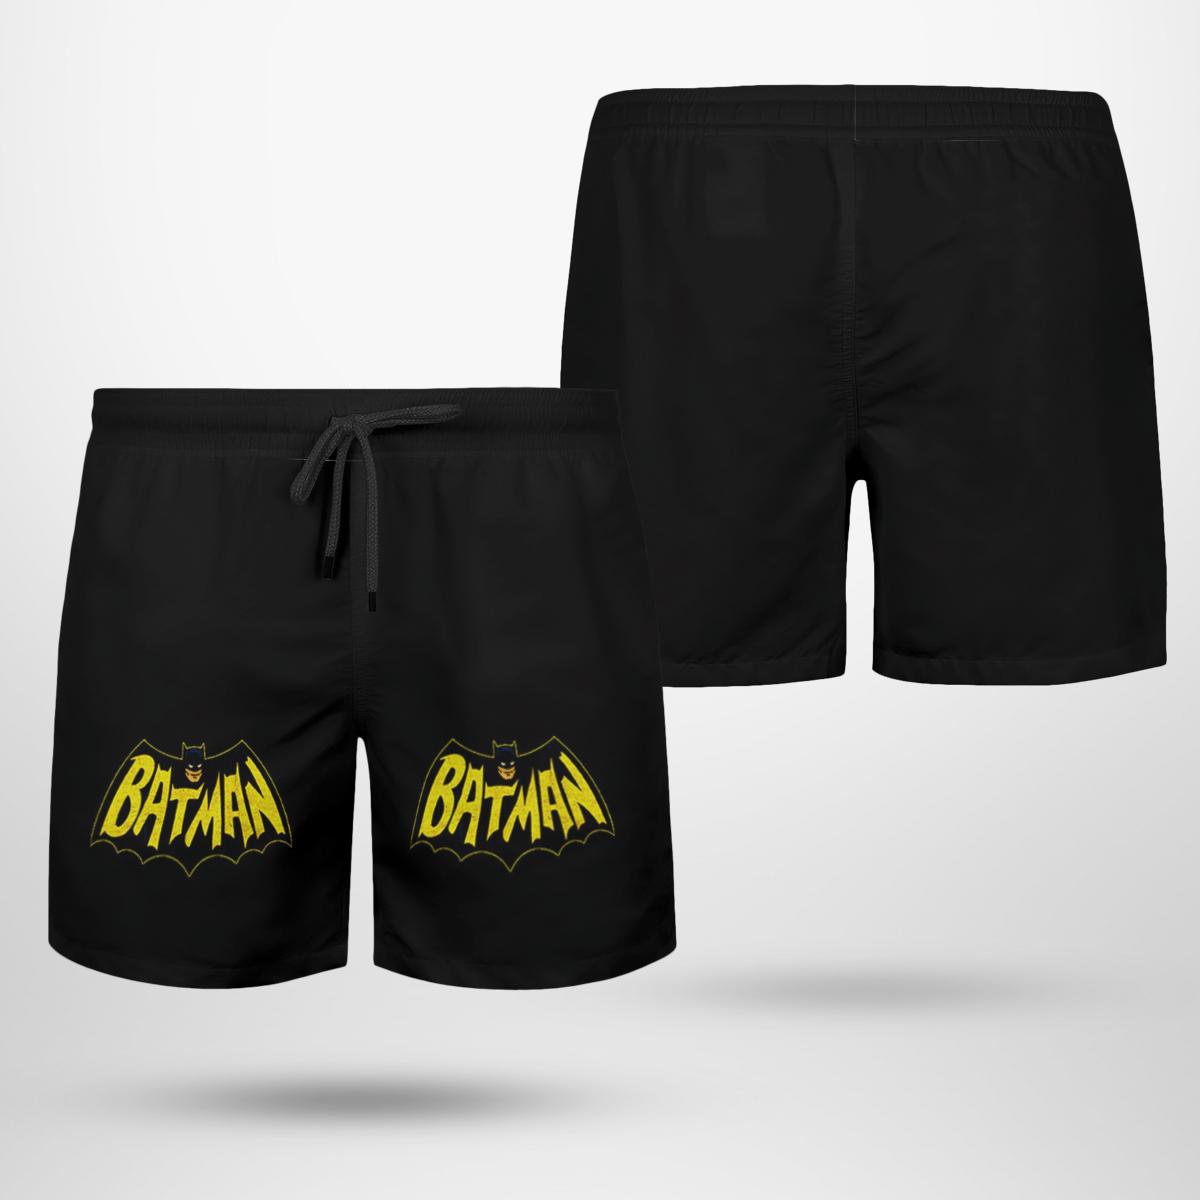 Classic Batman Shorts